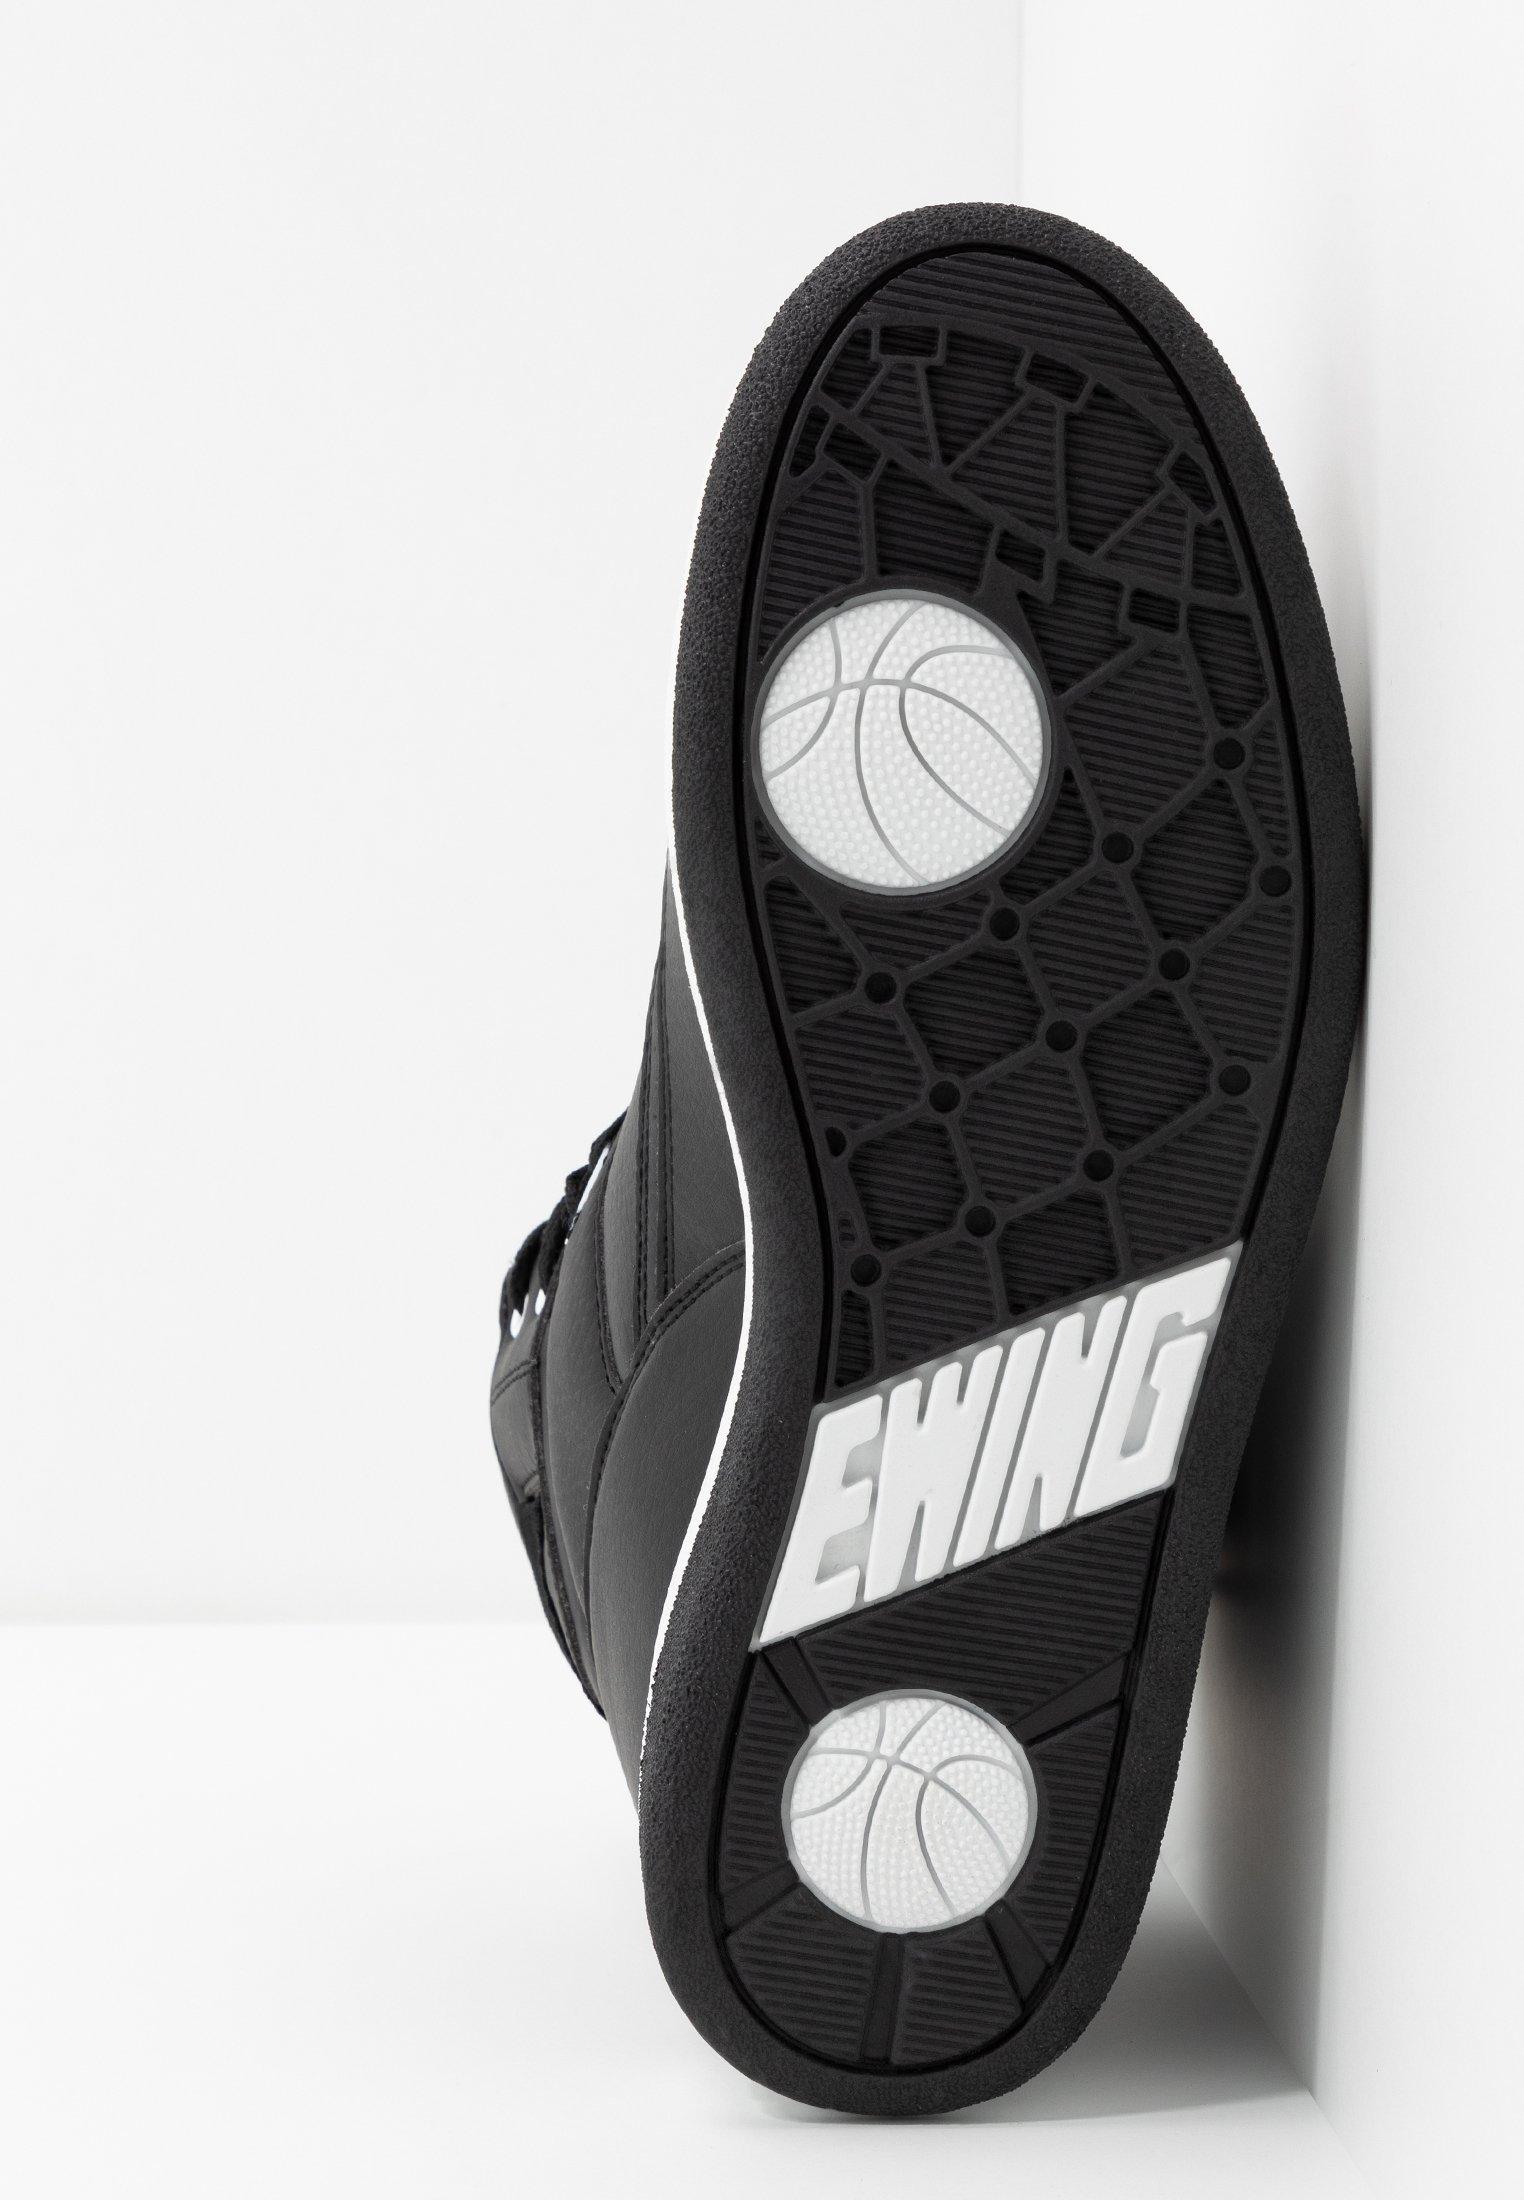 Ewing MontantesBlack Baskets Baskets white Ewing Baskets MontantesBlack Ewing MontantesBlack white 8Pn0kXOw